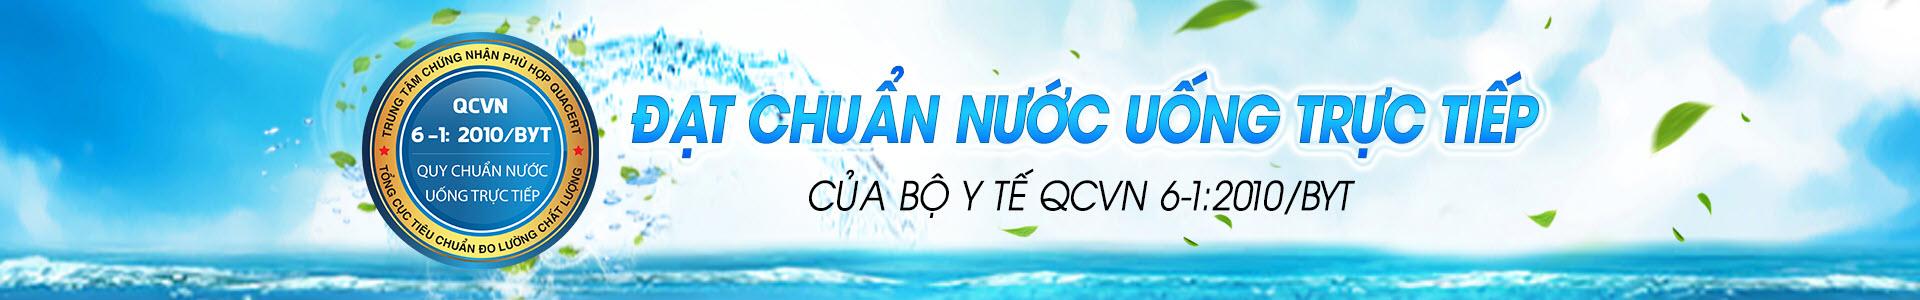 Máy lọc nước Famy đạt tiêu chuẩn nước uống trực tiếp QCVN6-1:2010/BYT của Bộ y tế